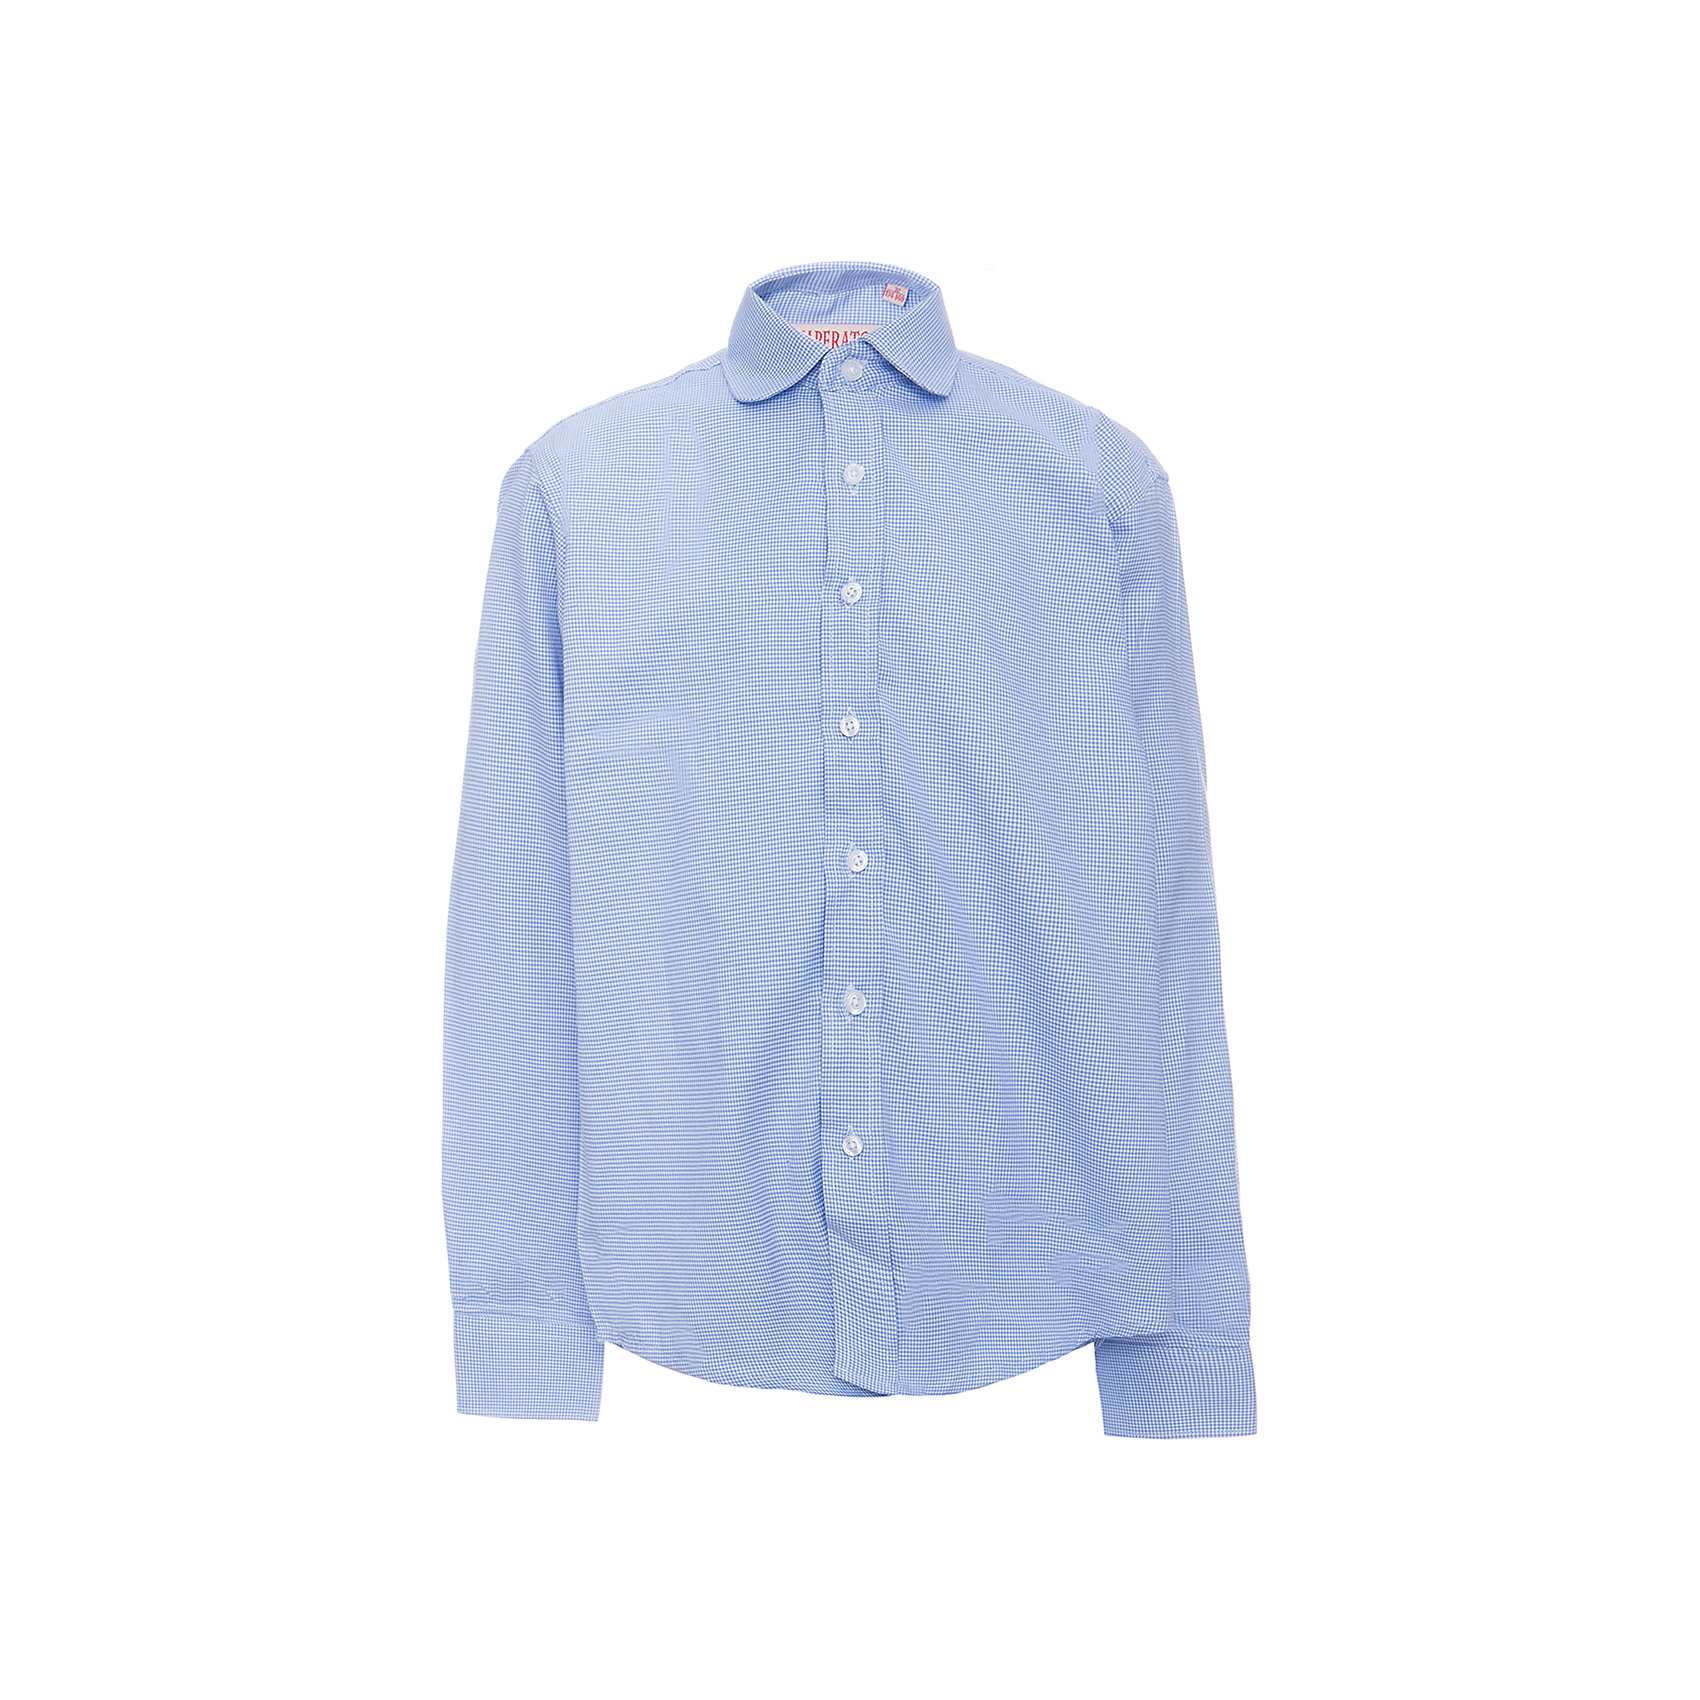 Рубашка для мальчика ImperatorБлузки и рубашки<br>Характеристики товара:<br><br>• цвет: голубой<br>• состав ткани: 65% хлопок, 35% полиэстер<br>• особенности: школьная, праздничная<br>• застежка: пуговицы<br>• рукава: длинные<br>• сезон: круглый год<br>• страна бренда: Российская Федерация<br>• страна изготовитель: Китай<br><br>Сорочка классического кроя для мальчика - отличный вариант практичной и стильной школьной одежды.<br><br>Накладной карман, свободный покрой, дышащая ткань с преобладанием хлопка - красиво и удобно.<br><br>Рубашку для мальчика Imperator (Император) можно купить в нашем интернет-магазине.<br><br>Ширина мм: 174<br>Глубина мм: 10<br>Высота мм: 169<br>Вес г: 157<br>Цвет: голубой<br>Возраст от месяцев: 156<br>Возраст до месяцев: 168<br>Пол: Мужской<br>Возраст: Детский<br>Размер: 164/170,122/128,128/134,134/140,140/146,146/152,152/158,146/152,158/164,152/158<br>SKU: 6860743